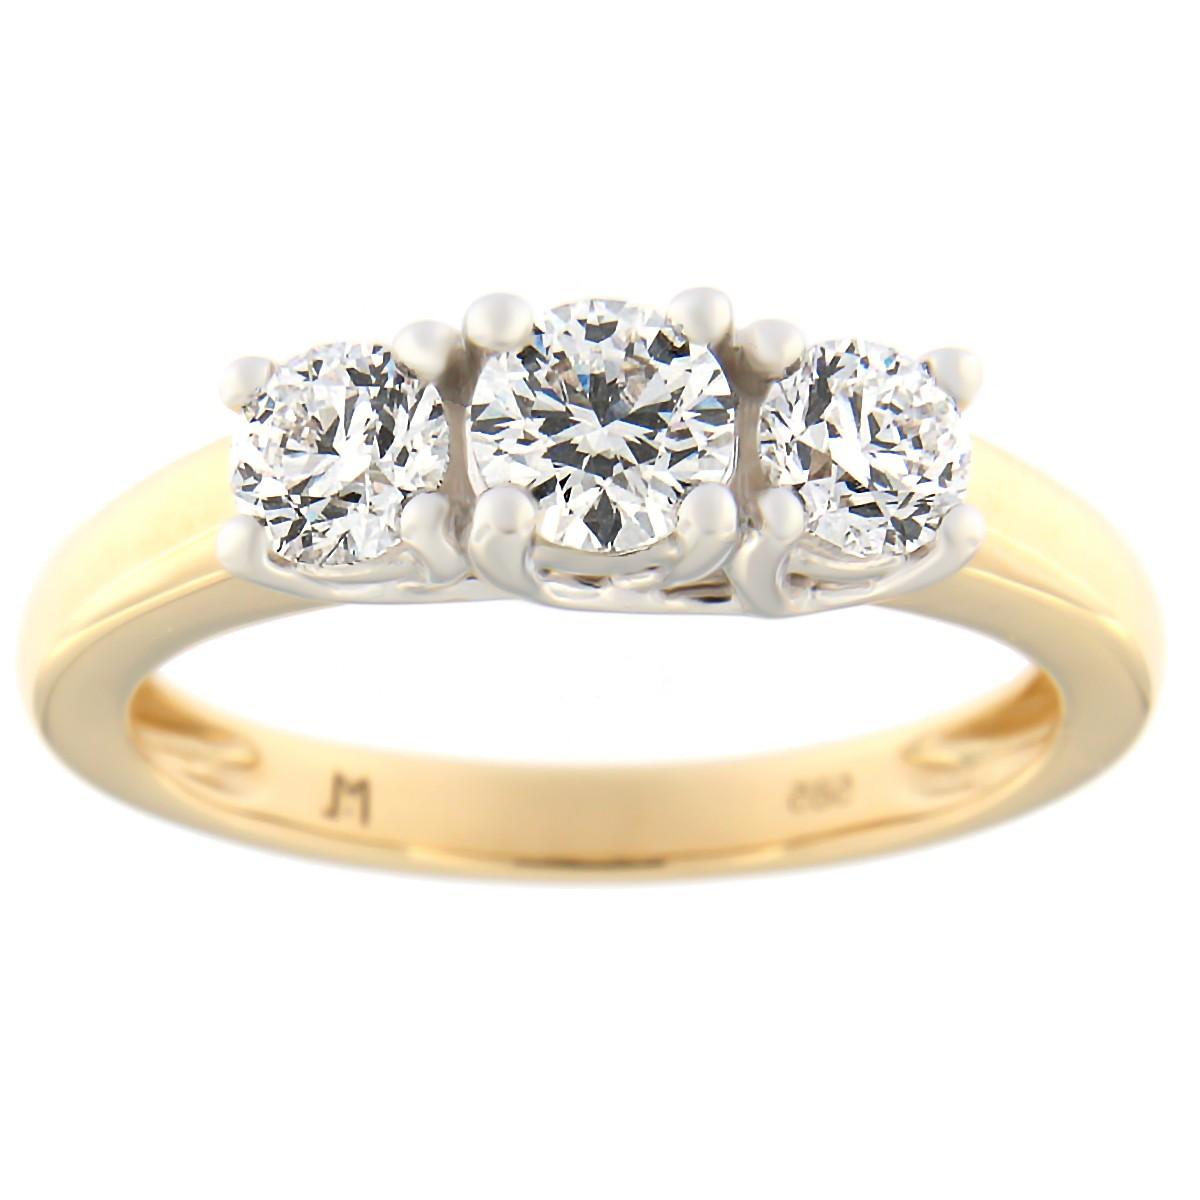 Kullast sõrmus teemantidega 1.01 ct. Kood: 59at